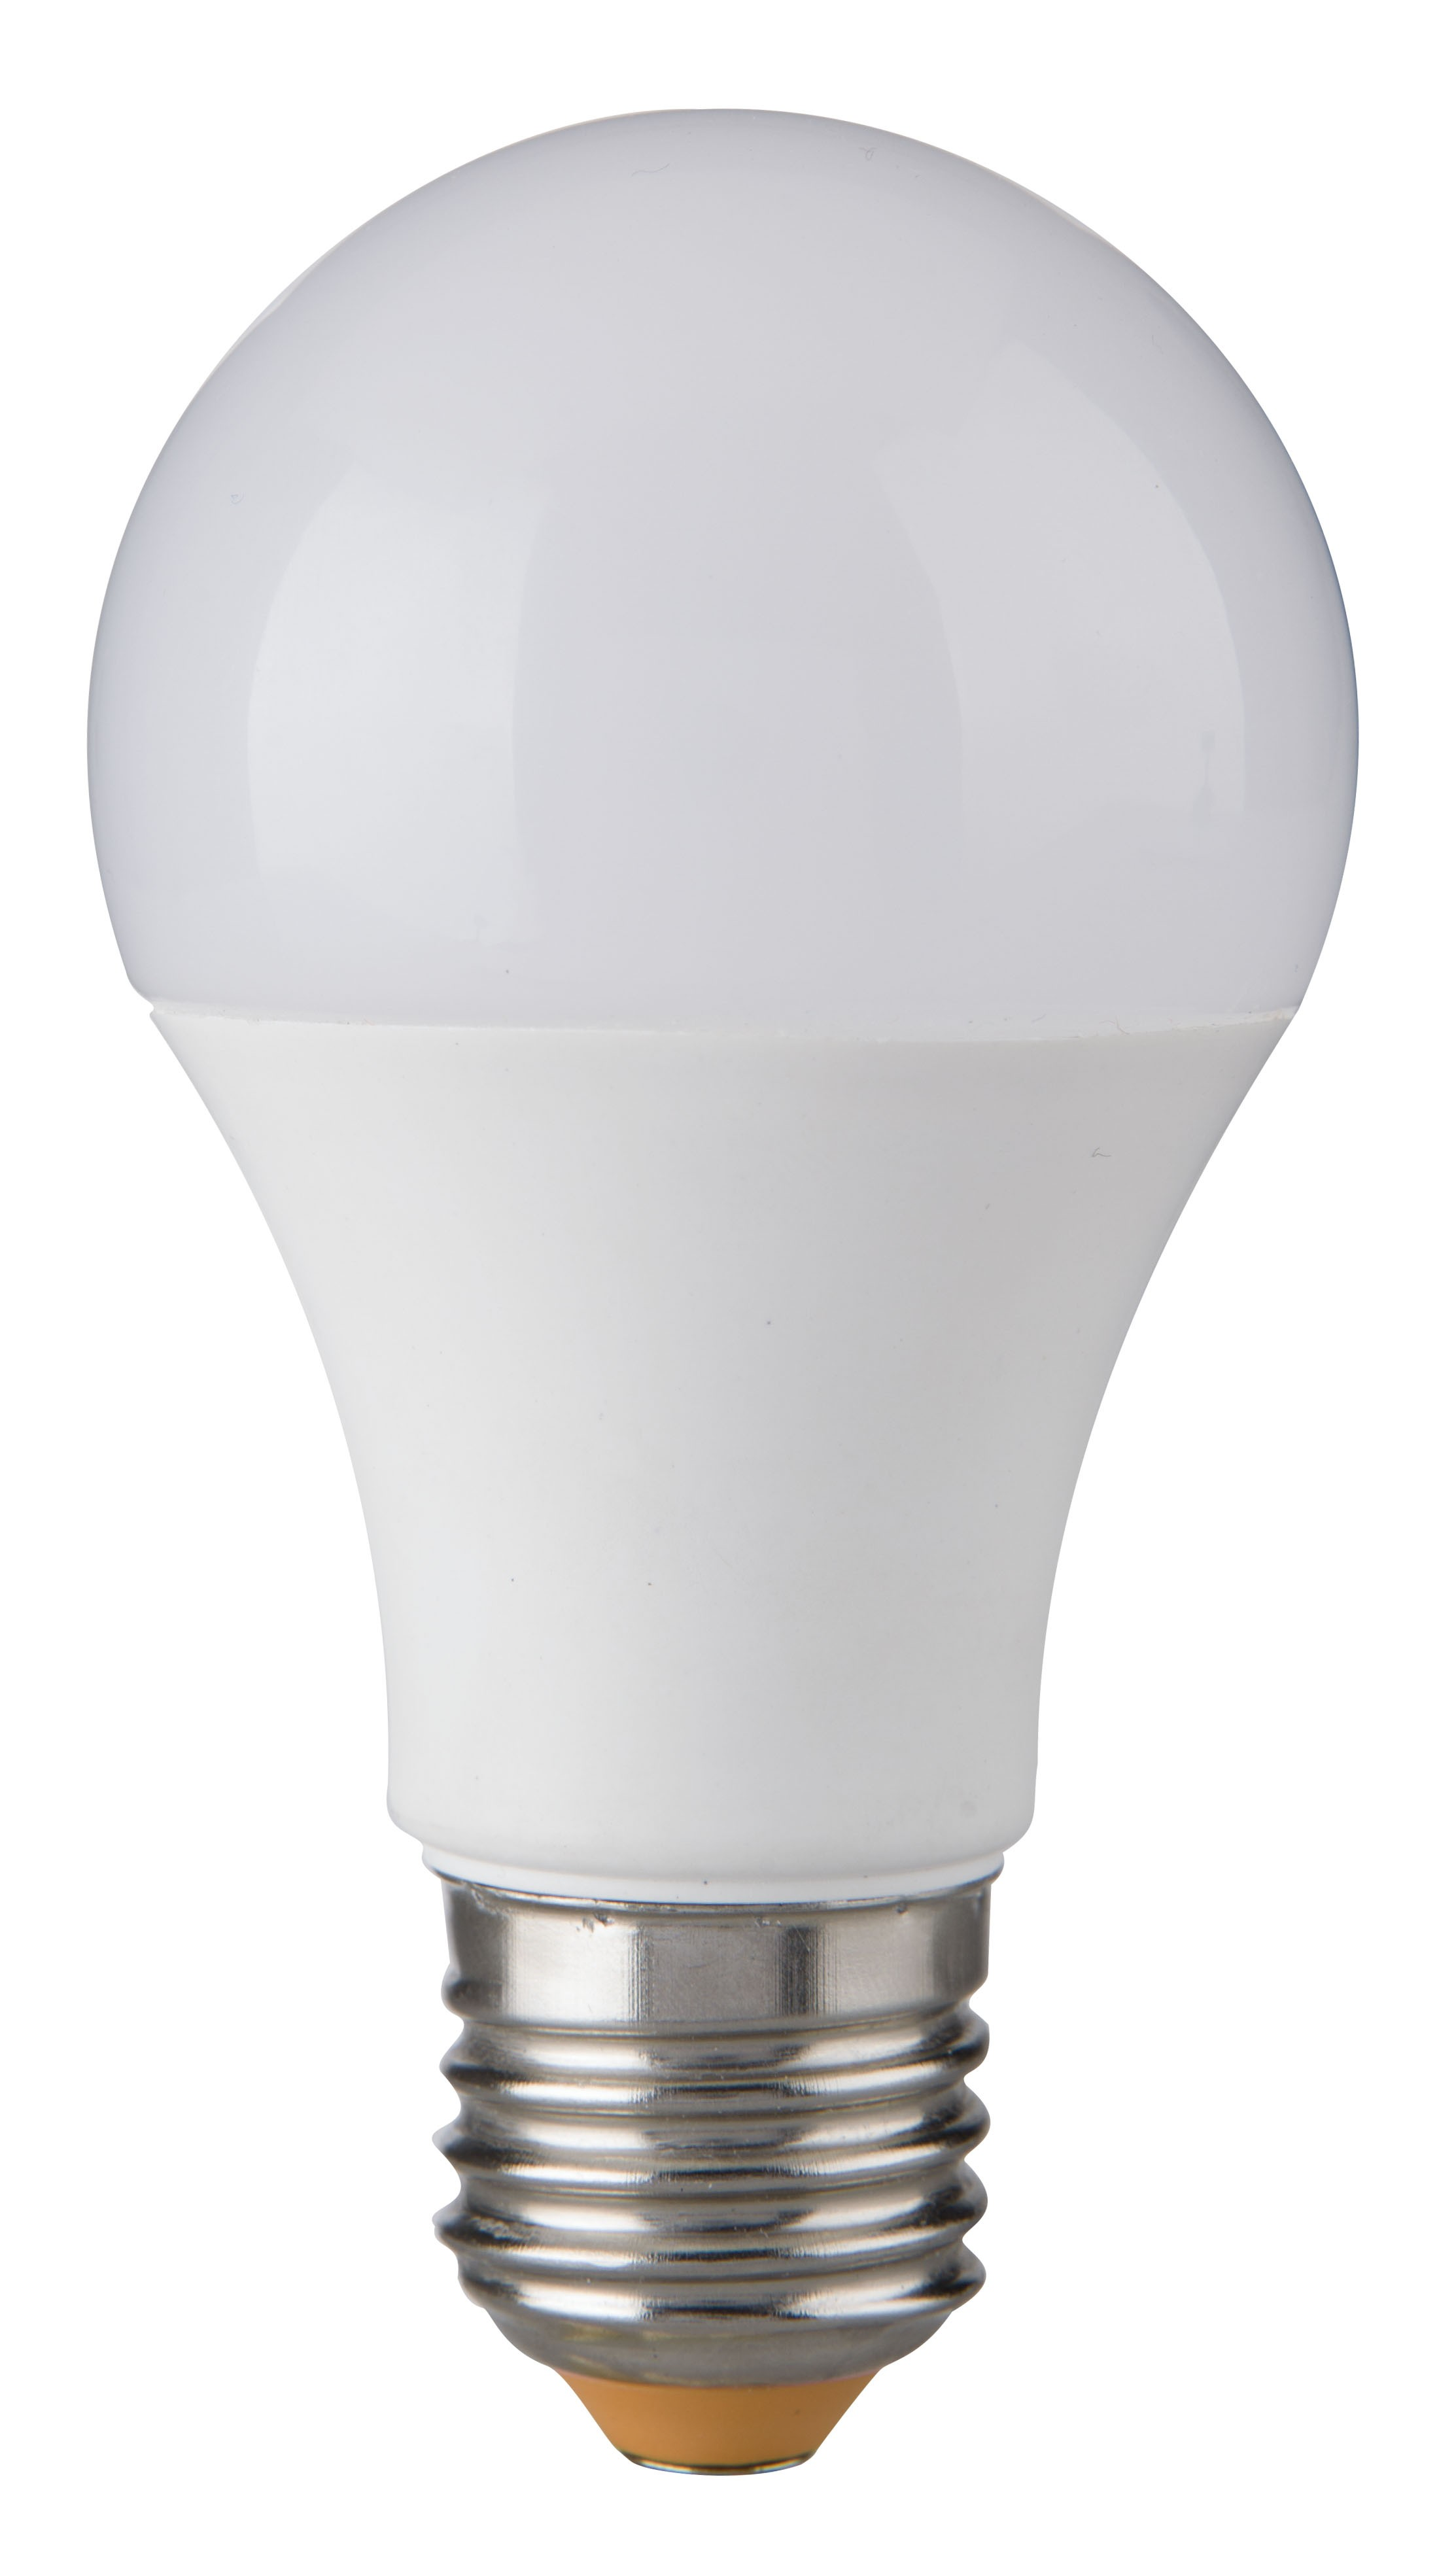 BOMBILLAS LED Cuando uno se plantea ahorrar en la factura de la luz, además de realizar un consumo responsable, disponer de productos eficientes es parte importante de la ecuación. Si nos referimos a bombillas, las clásicas de bajo consumo de tipo fluorescentes compactas tienen dura competencia en las bombillas LED. Cuando acudimos a comprar una bombilla LED y tenemos que escoger un modelo adecuado es habitual que nos surjan dudas al ver su precio. Hay modelos con una gran diferencia de precio y características que debemos tener en cuenta para acertar al comprar una bombilla LED. En Xataka hemos elaborado una guía de compras con los motivos por los que escoger la tecnología LED para nuestras bombillas, así como consejos y puntos clave a la hora de decidir qué bombilla LED comprar. Por qué elegir una bombilla LED Dentro del mercado de la iluminación, los tipos de lámparas que gozan actualmente de mejor fama son las bombillas LED. Son modelos considerados de bajo consumo pero que basan su funcionamiento en la inclusión de diodos emisores de luz en vez de ser fluorescentes compactos como las actuales.